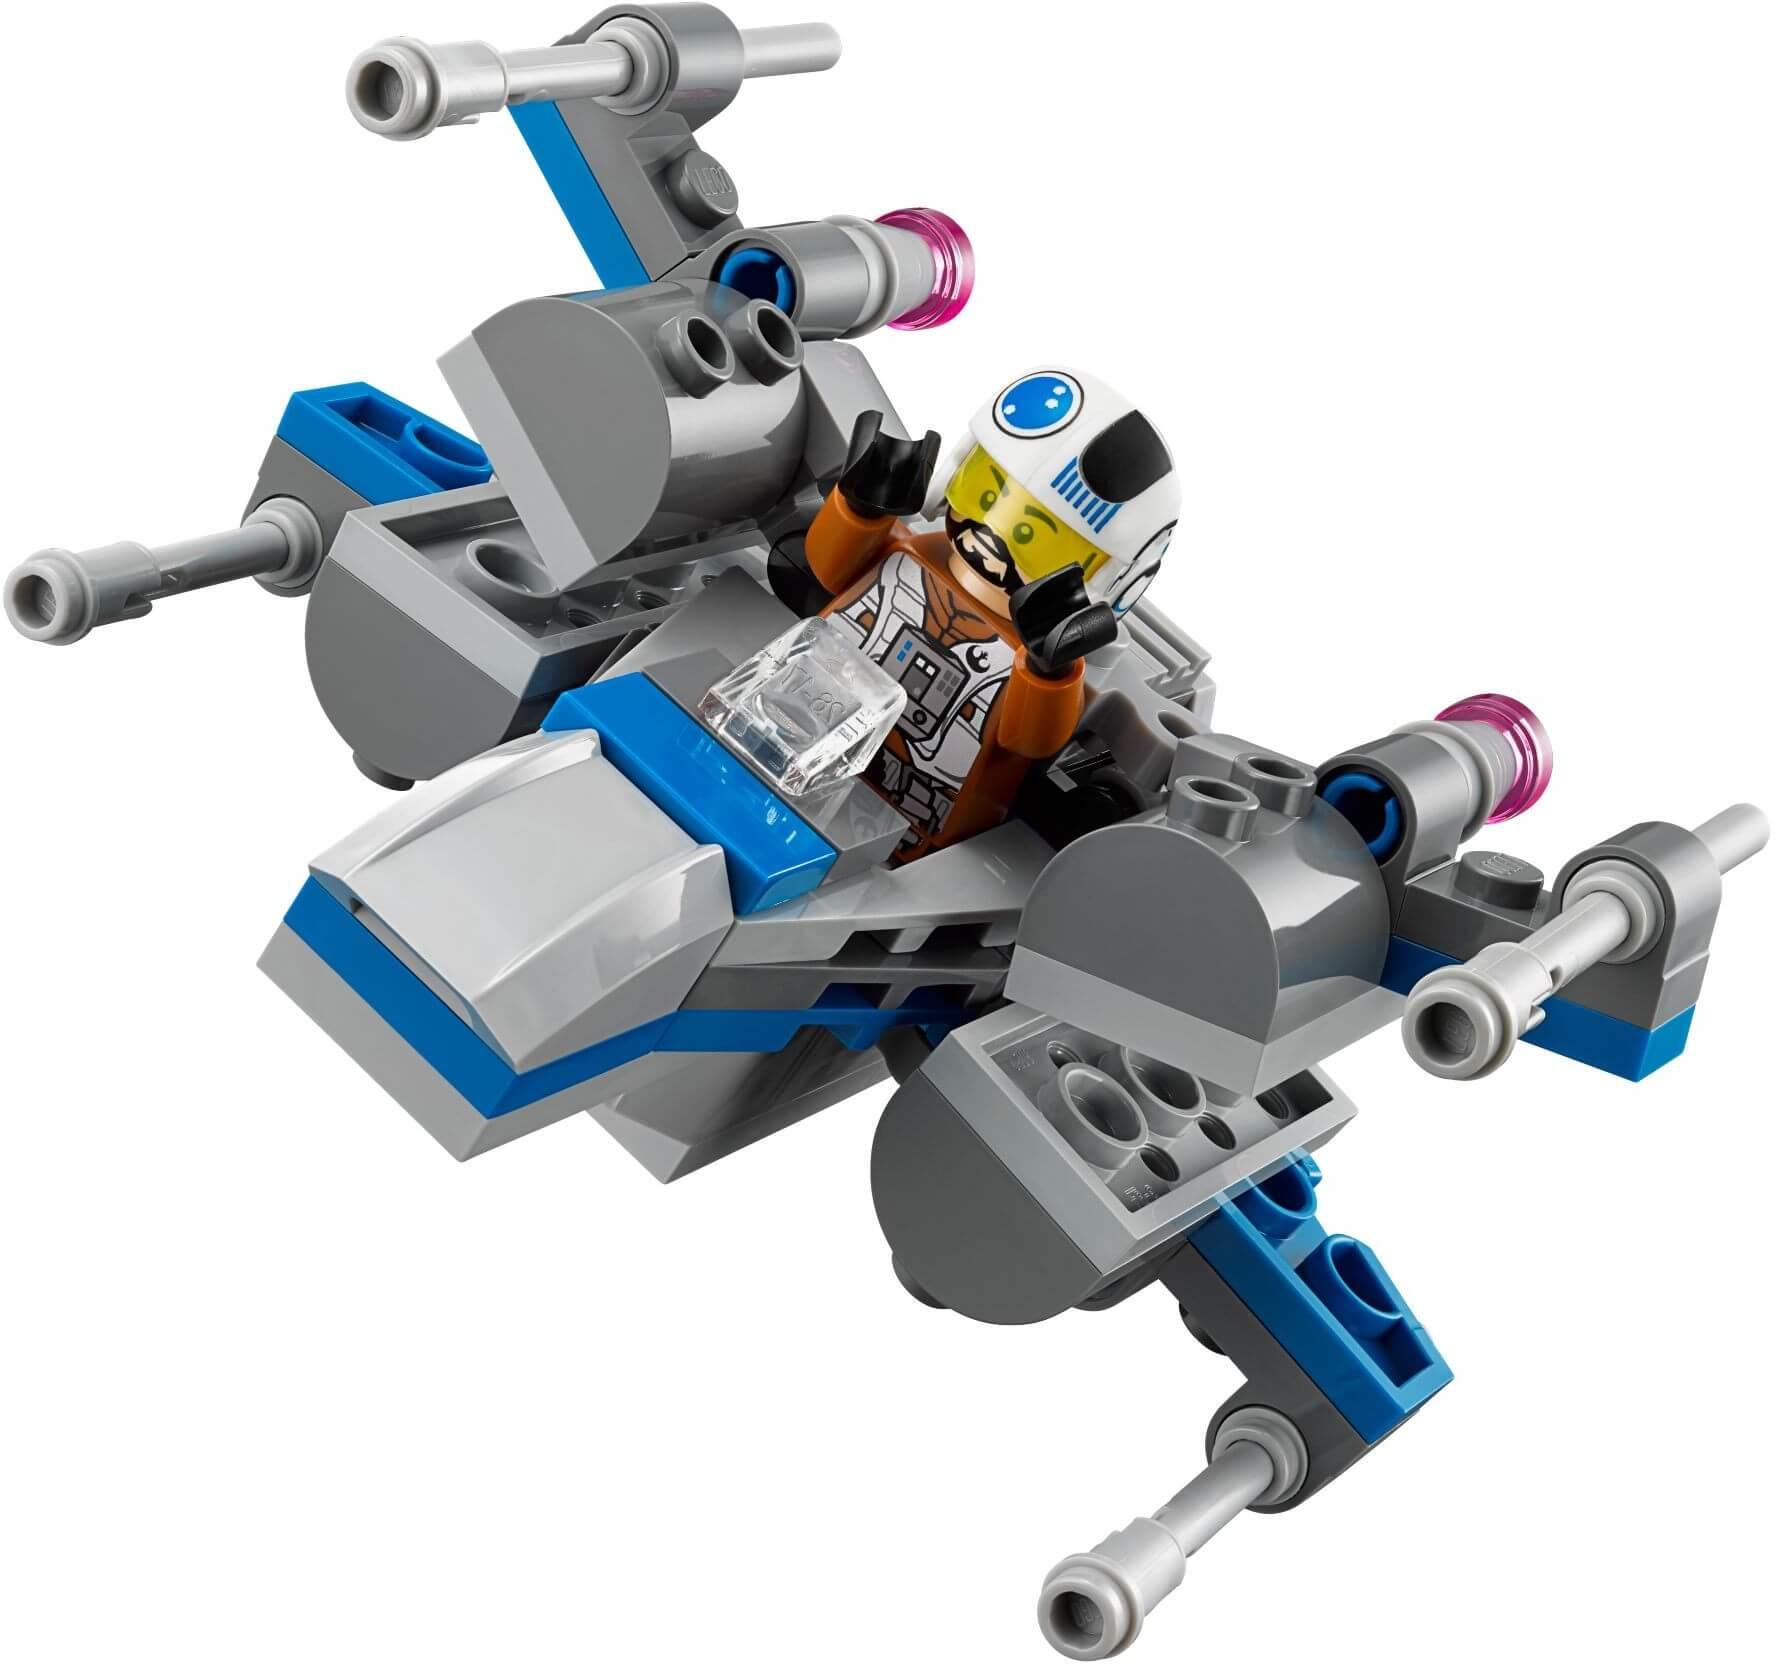 Mua đồ chơi LEGO 75126 - LEGO Star Wars 75126 - Mô hình Xe trượt tuyết Snowspeeder thu nhỏ (LEGO Star Wars First Order Snowspeeder 75126)